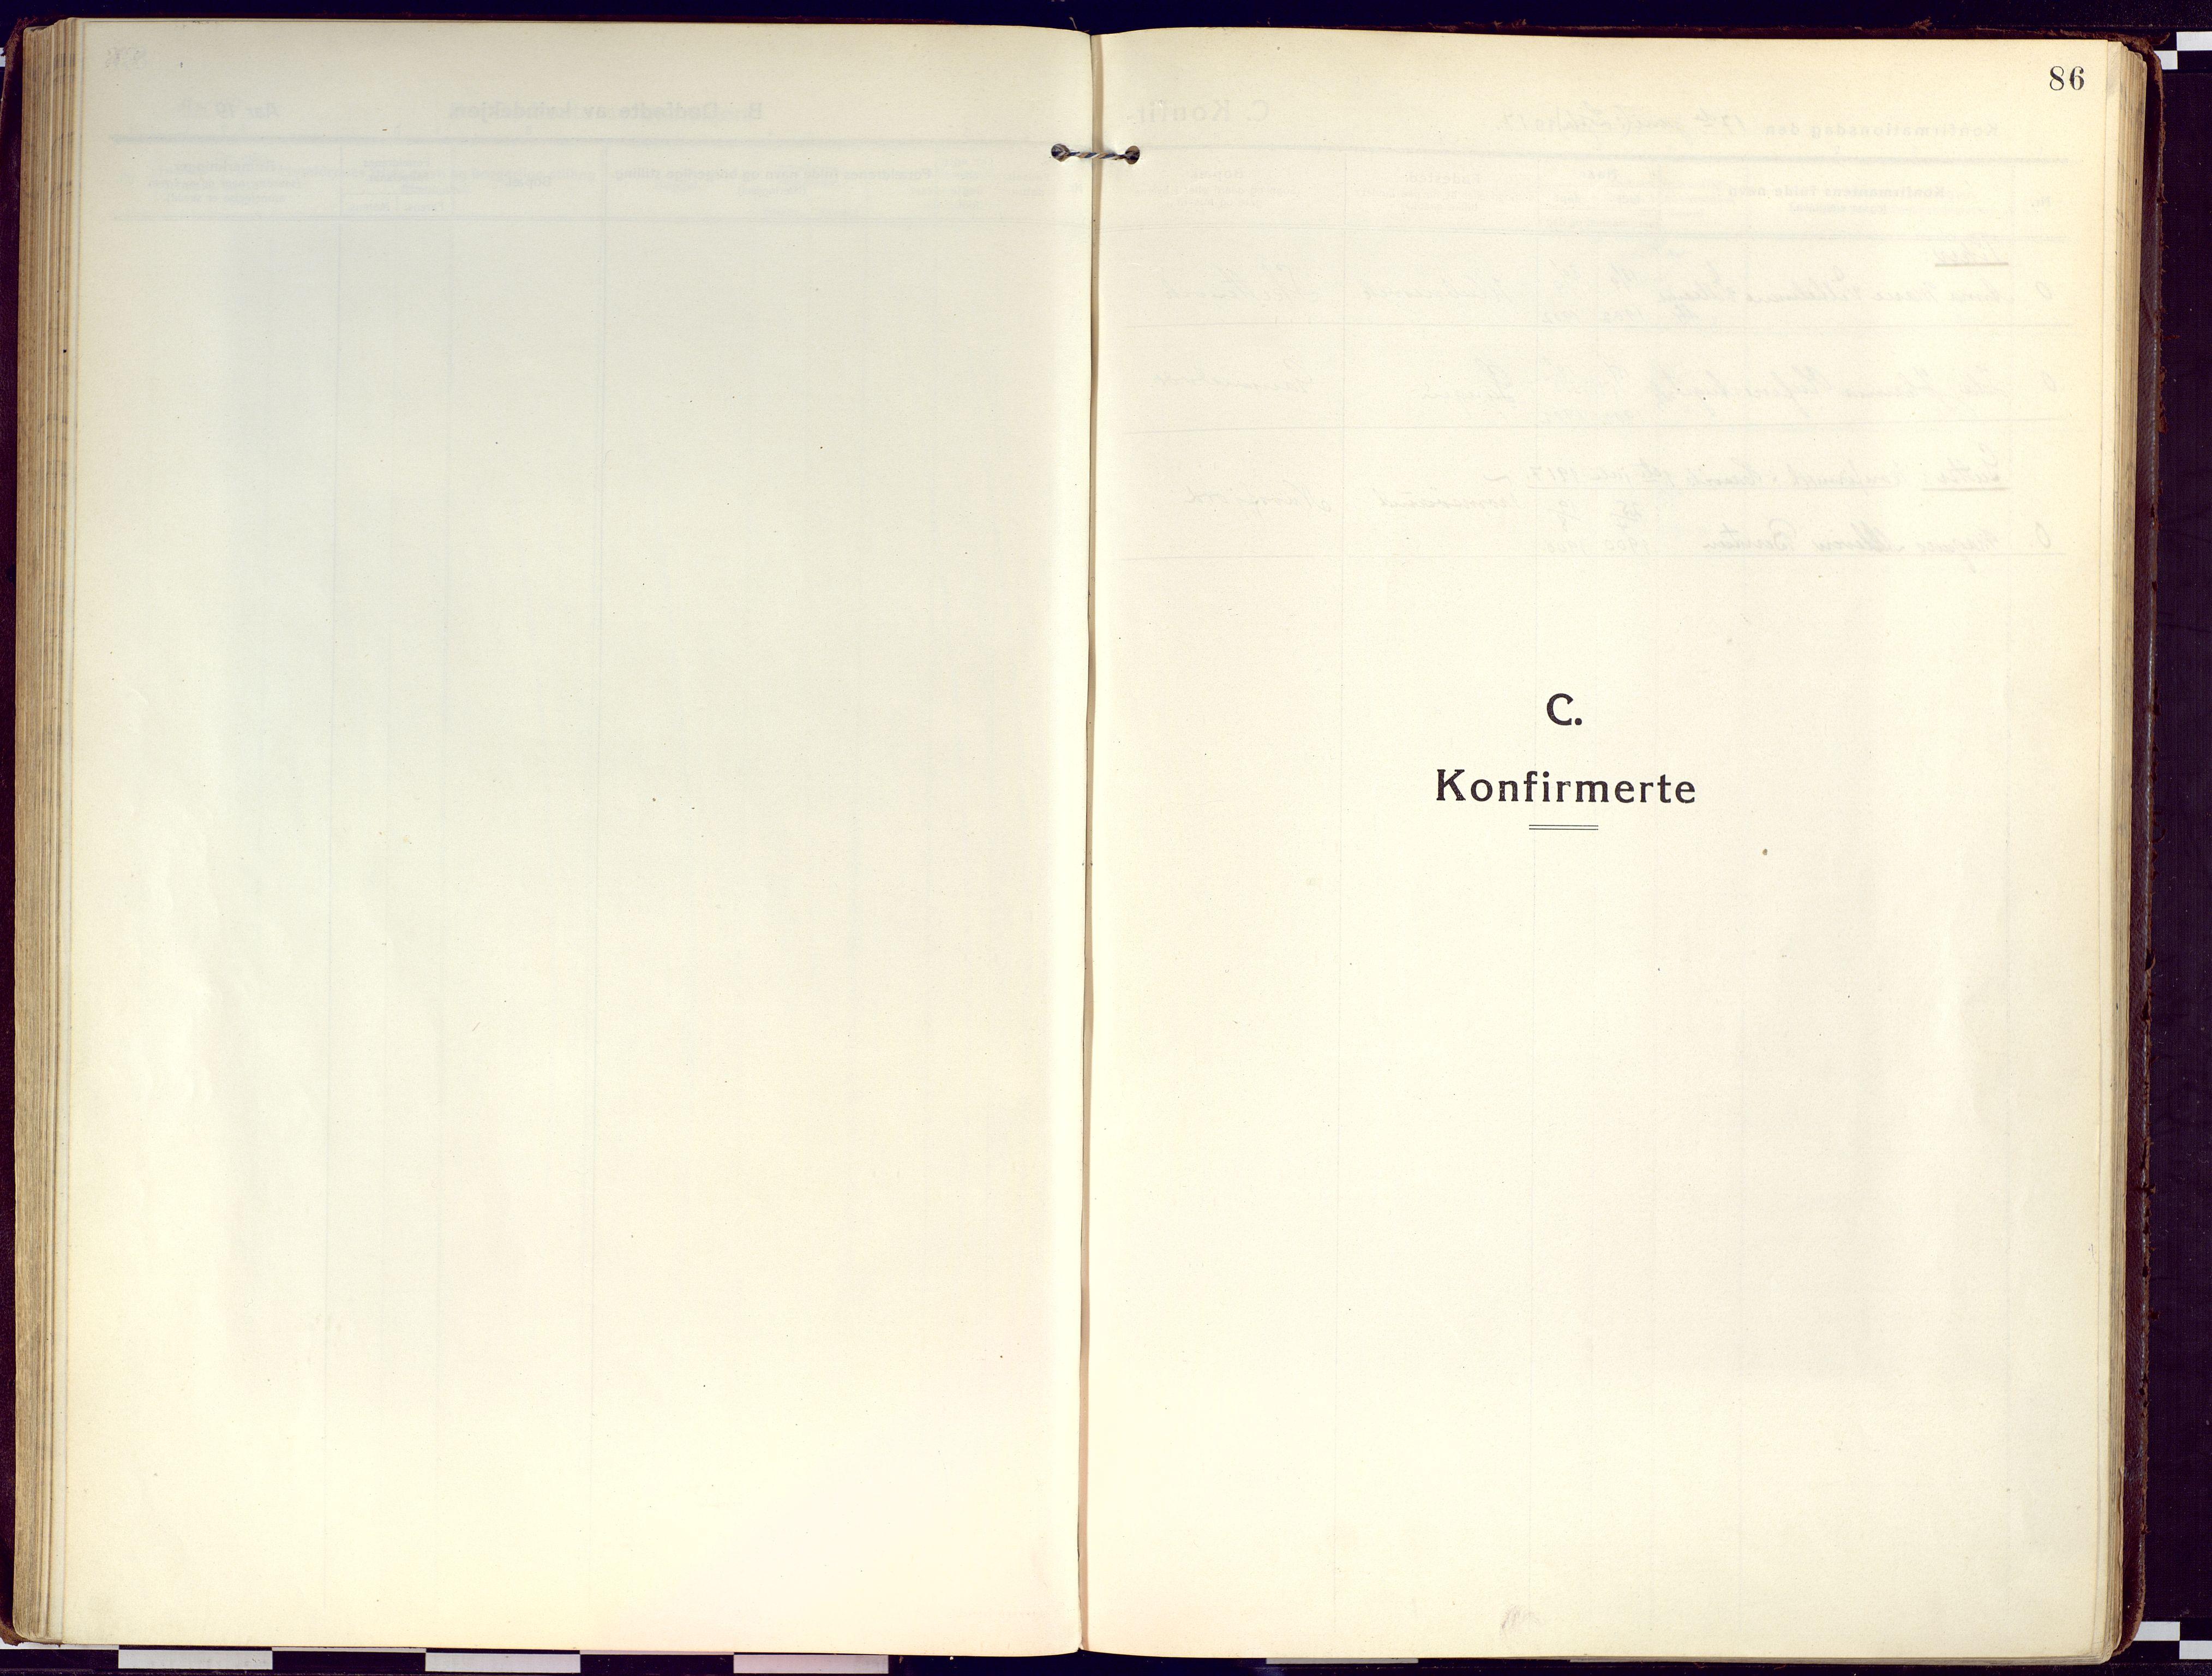 SATØ, Loppa sokneprestkontor, H/Ha/L0012kirke: Ministerialbok nr. 12, 1917-1932, s. 86